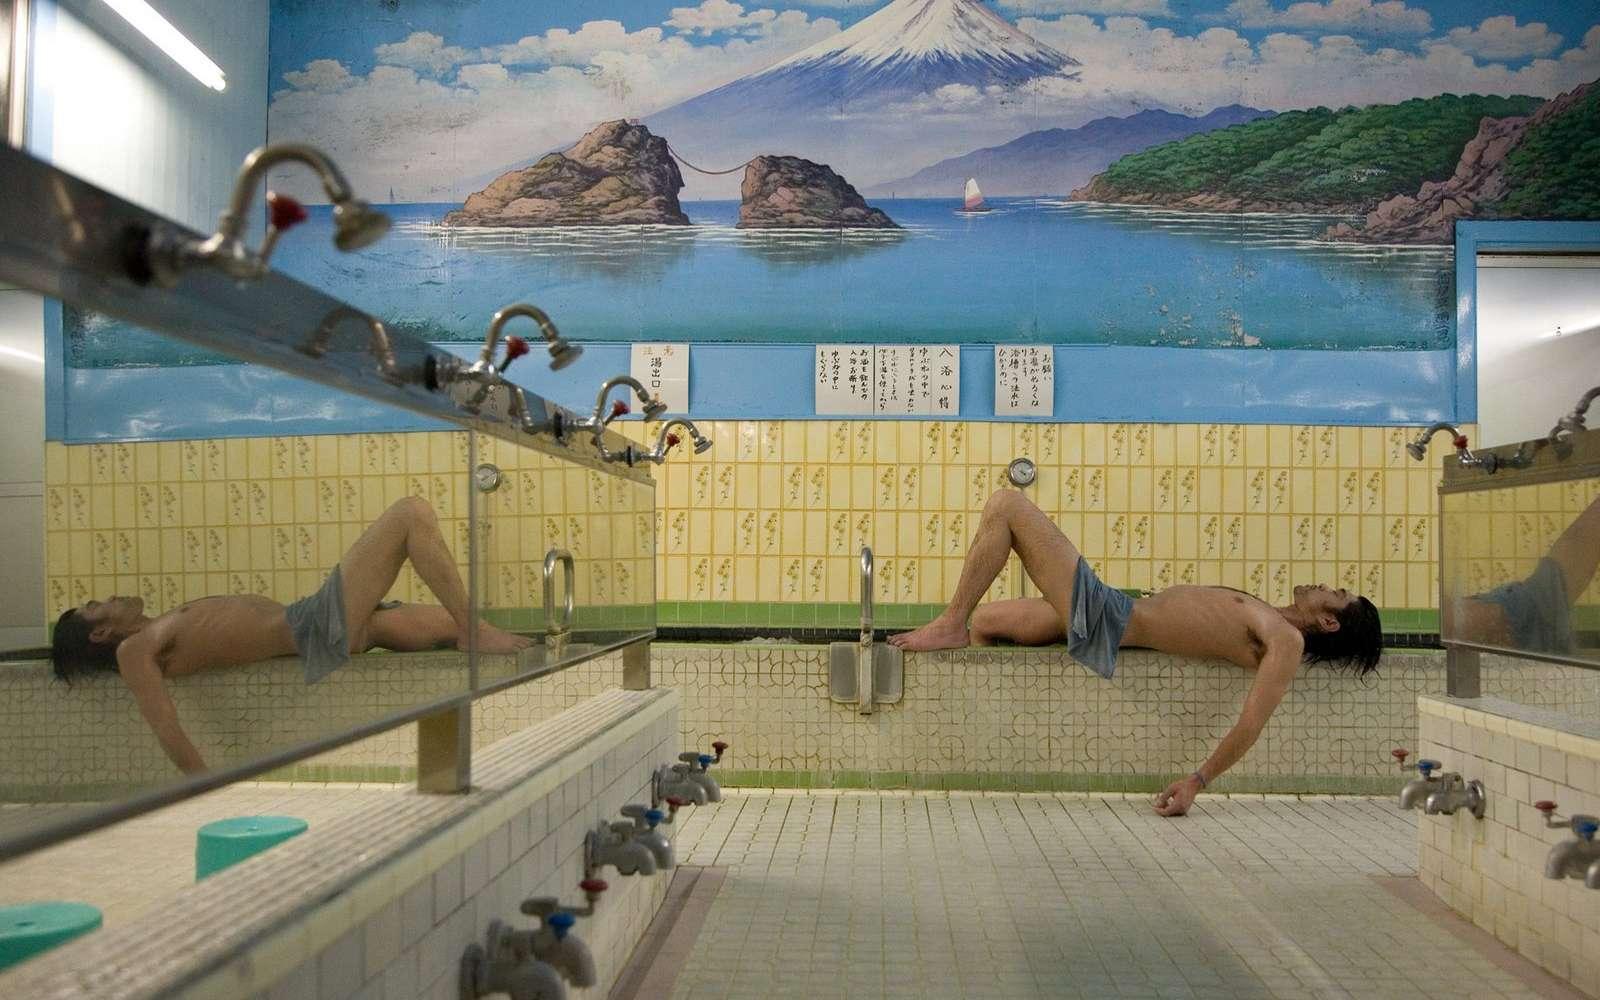 Le sento est un bain public traditionnel au Japon. © DR